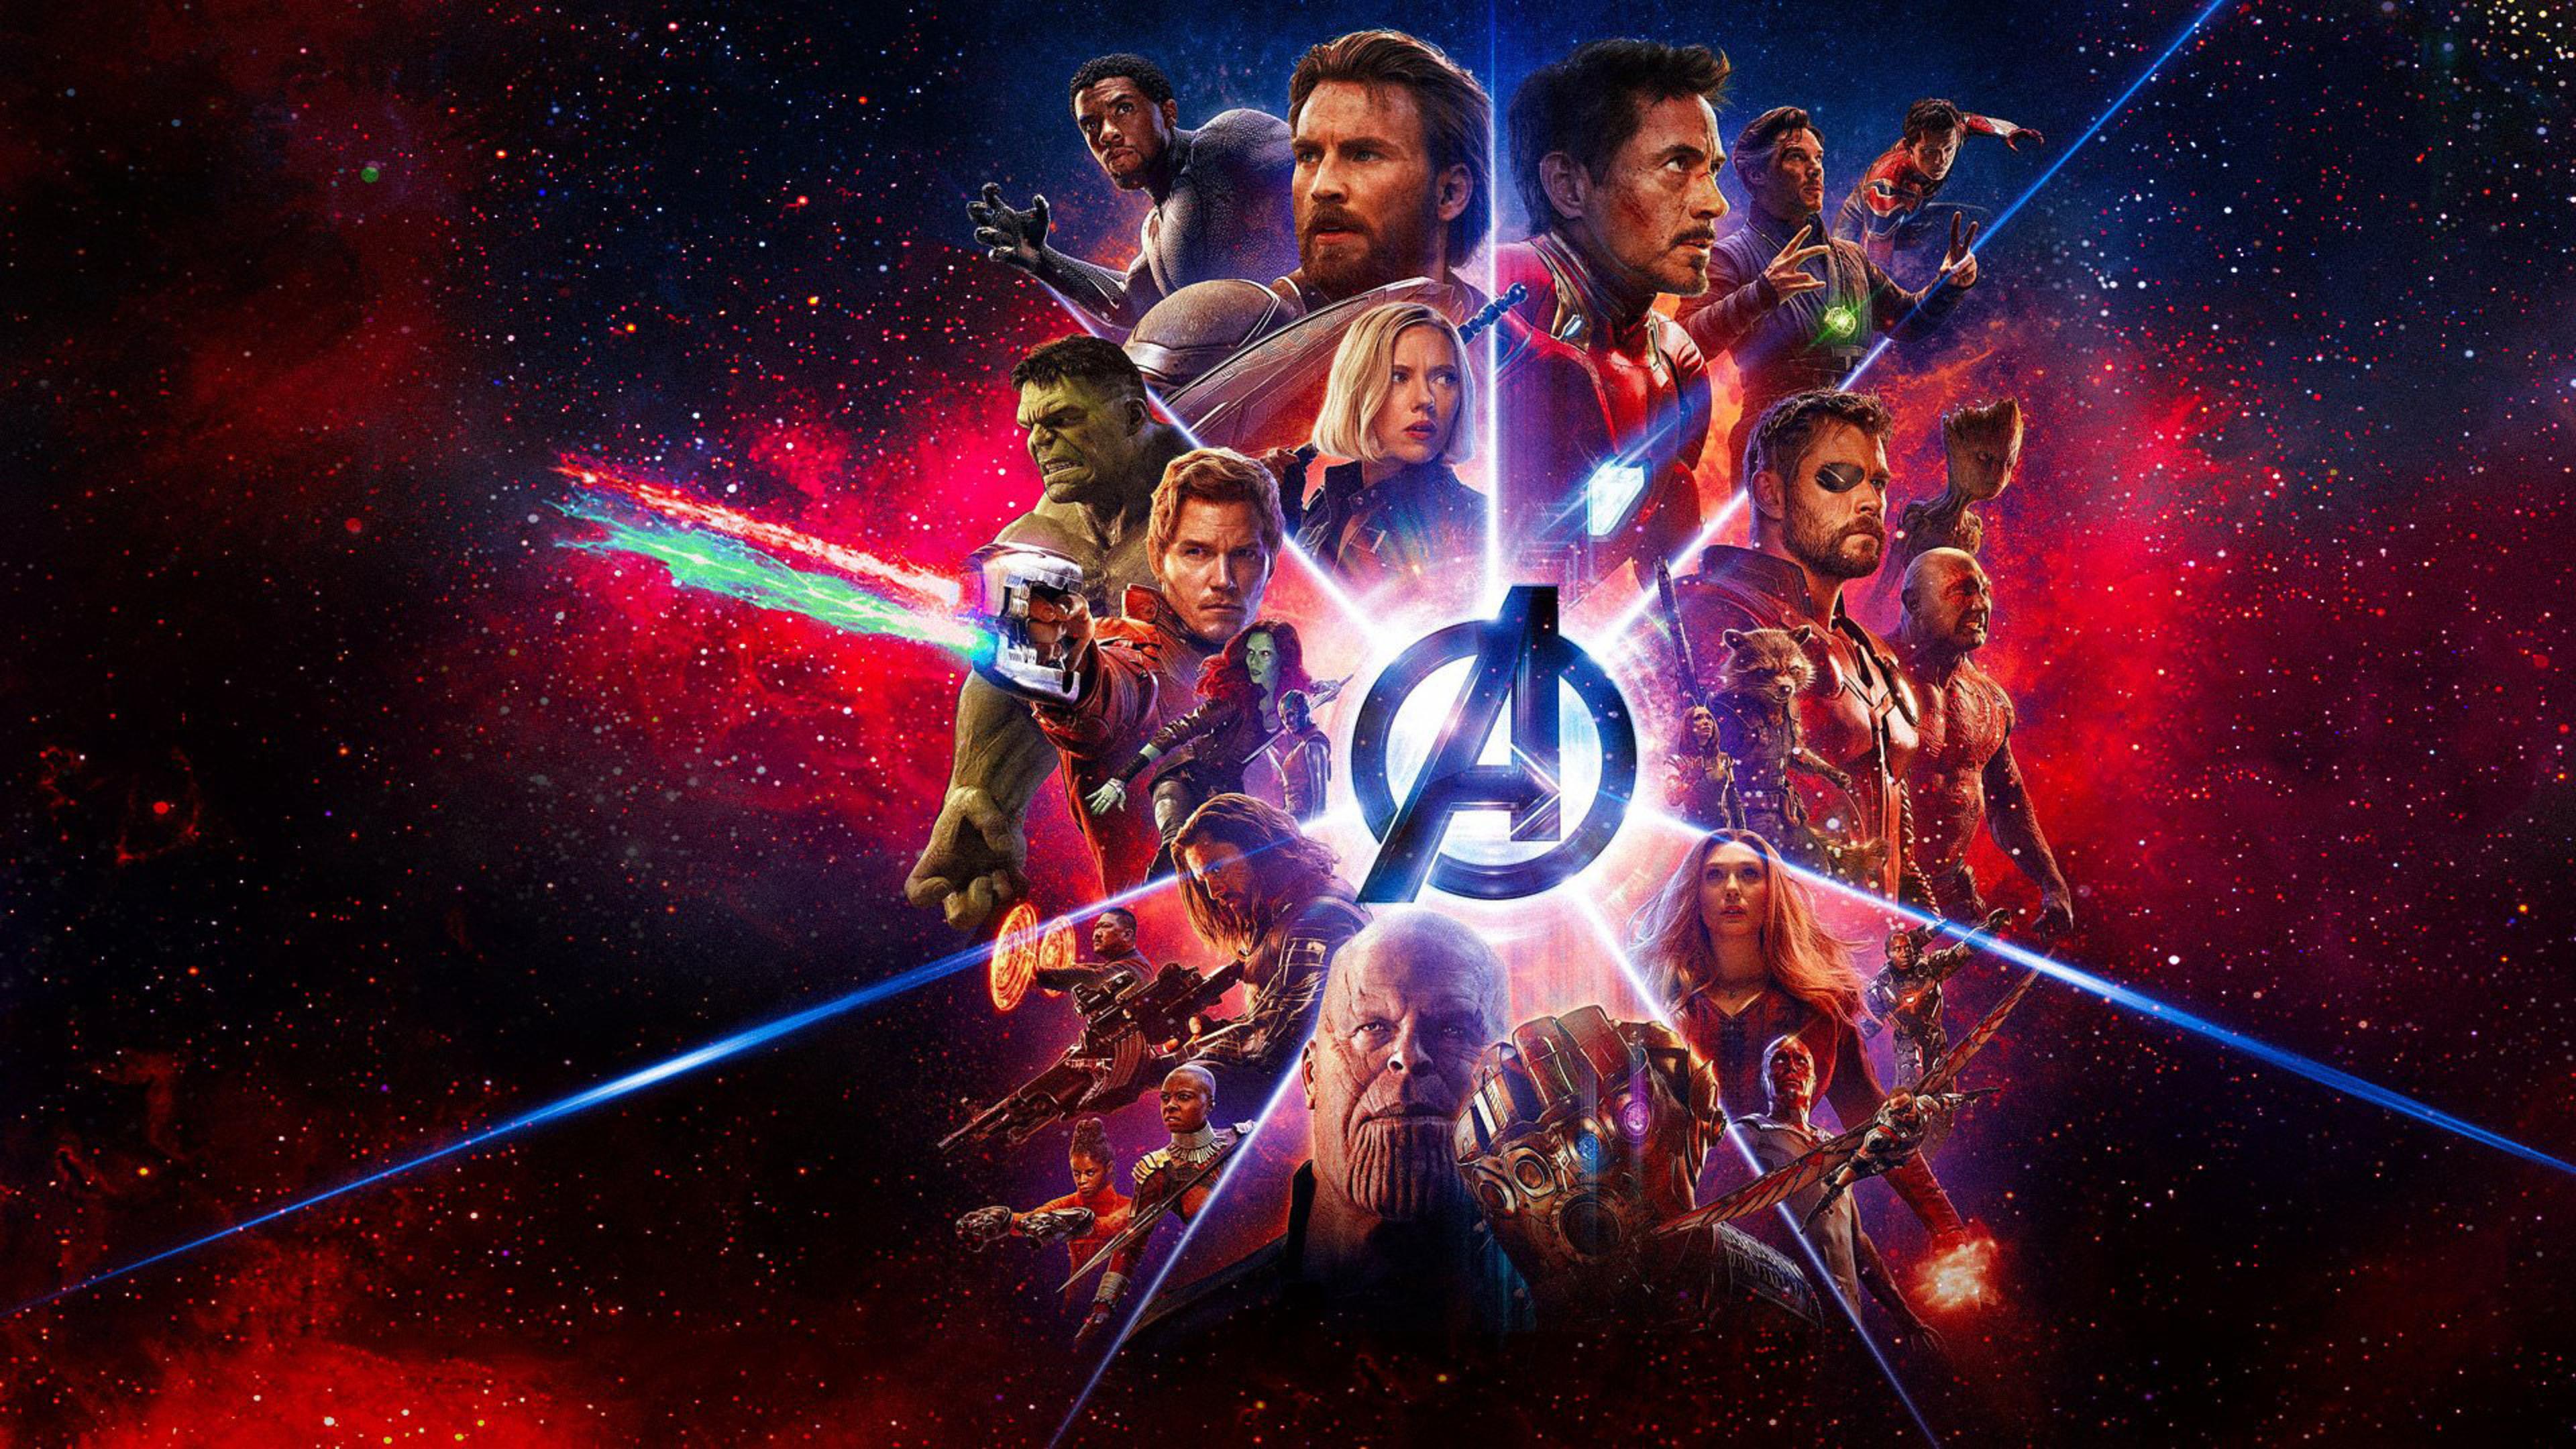 avengers-infinity-war-movie-imax-poster-8z.jpg